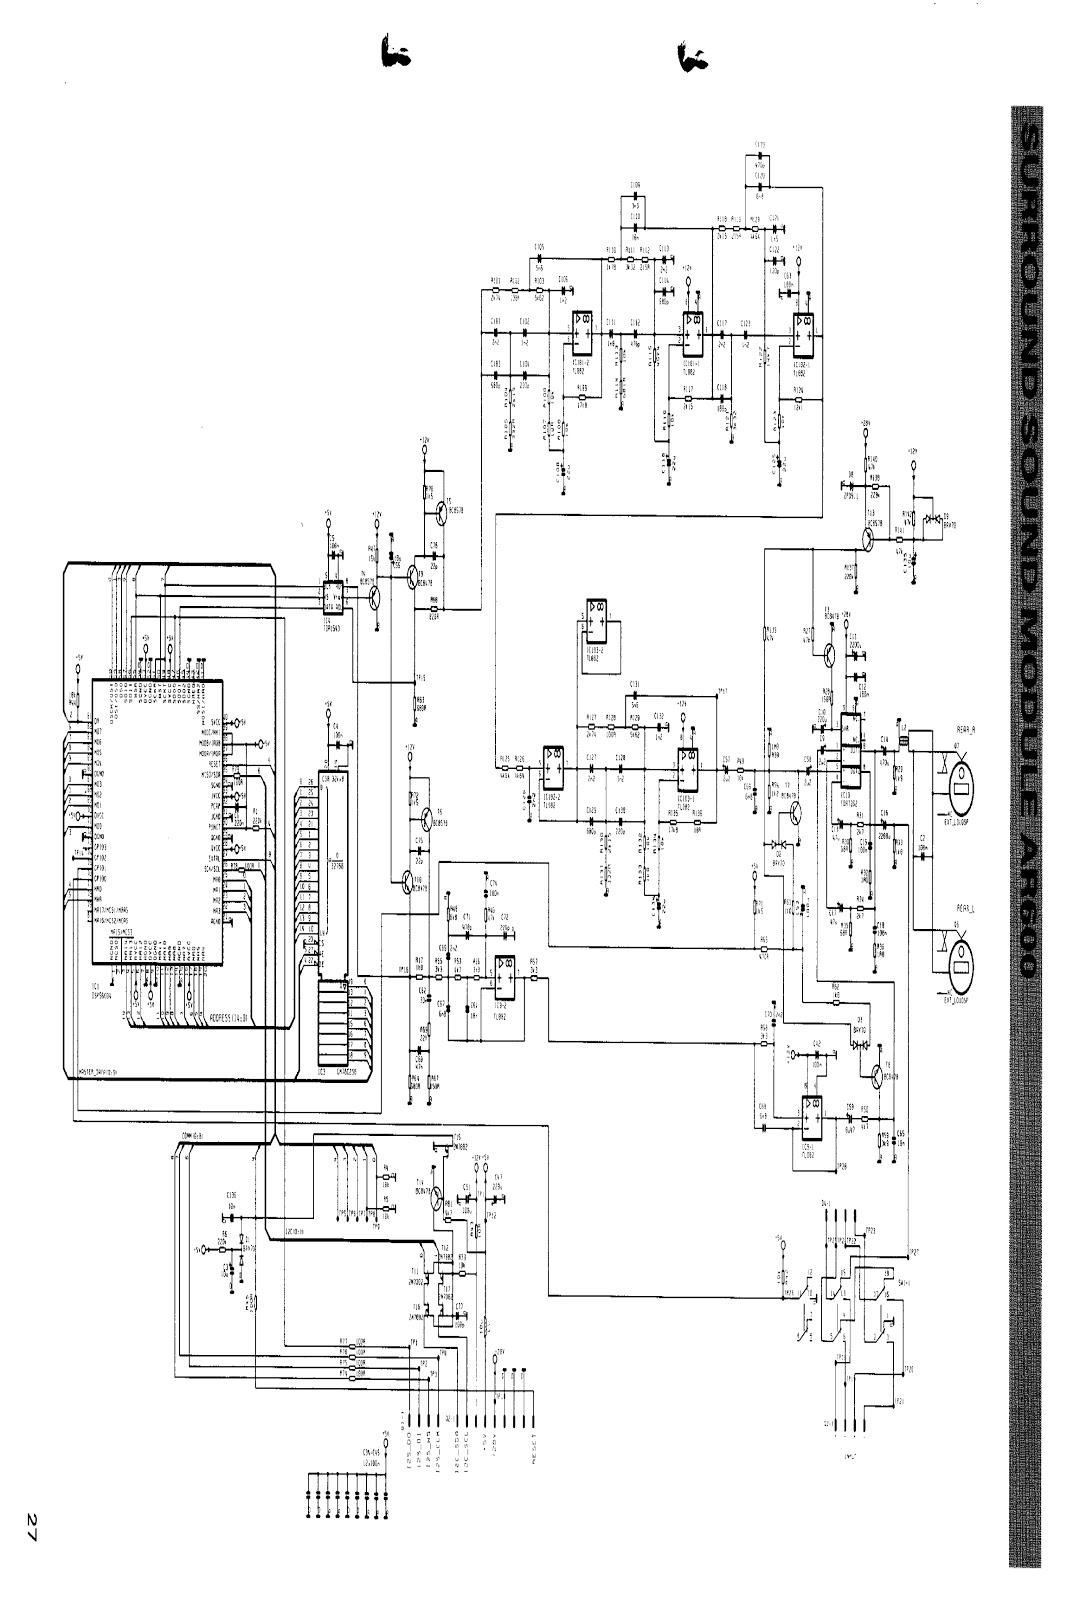 nokia 1600 diagram pdf